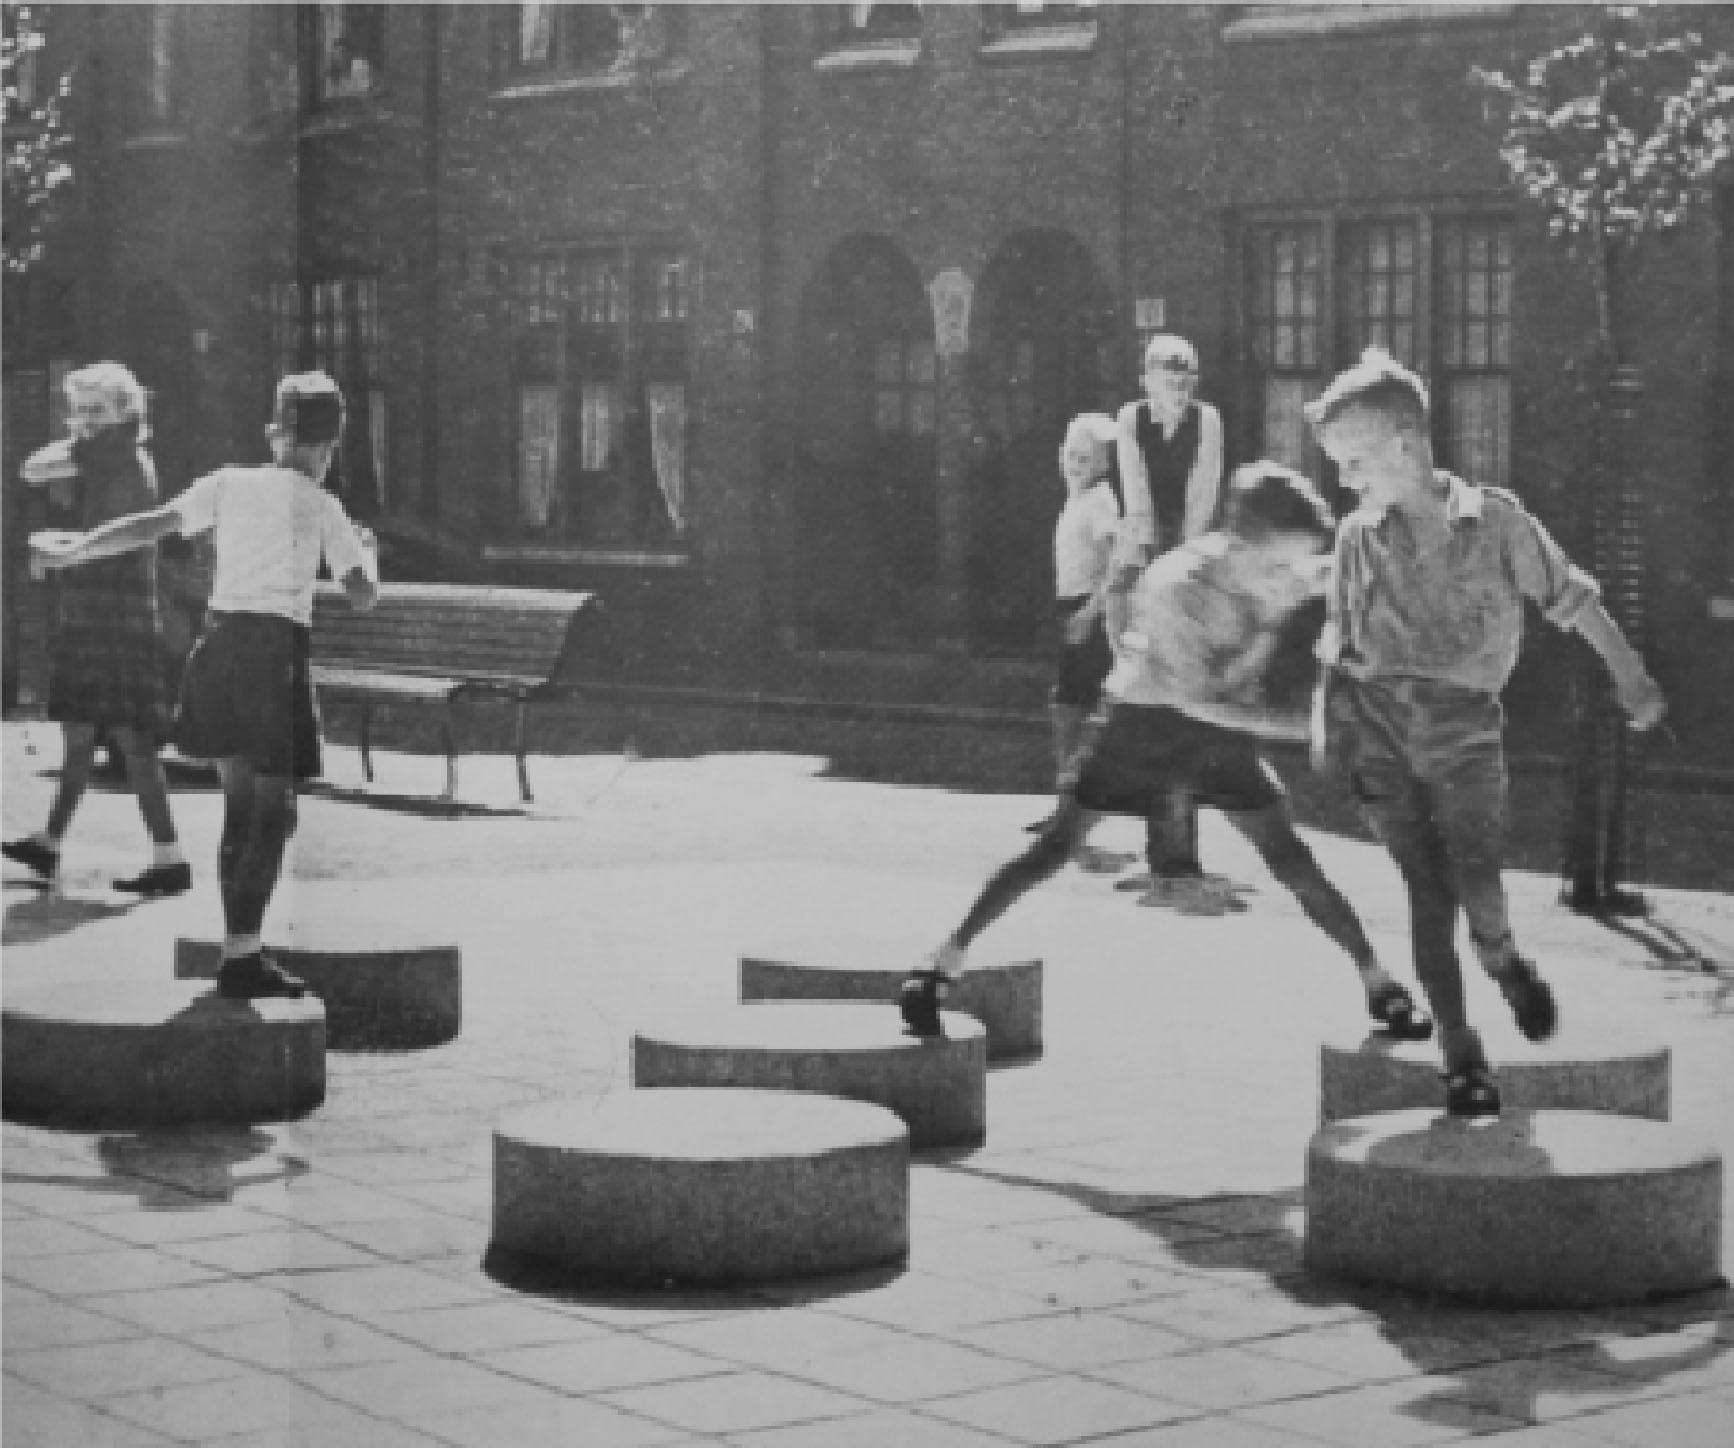 Fotografia storica di bambini che giocano in piazza